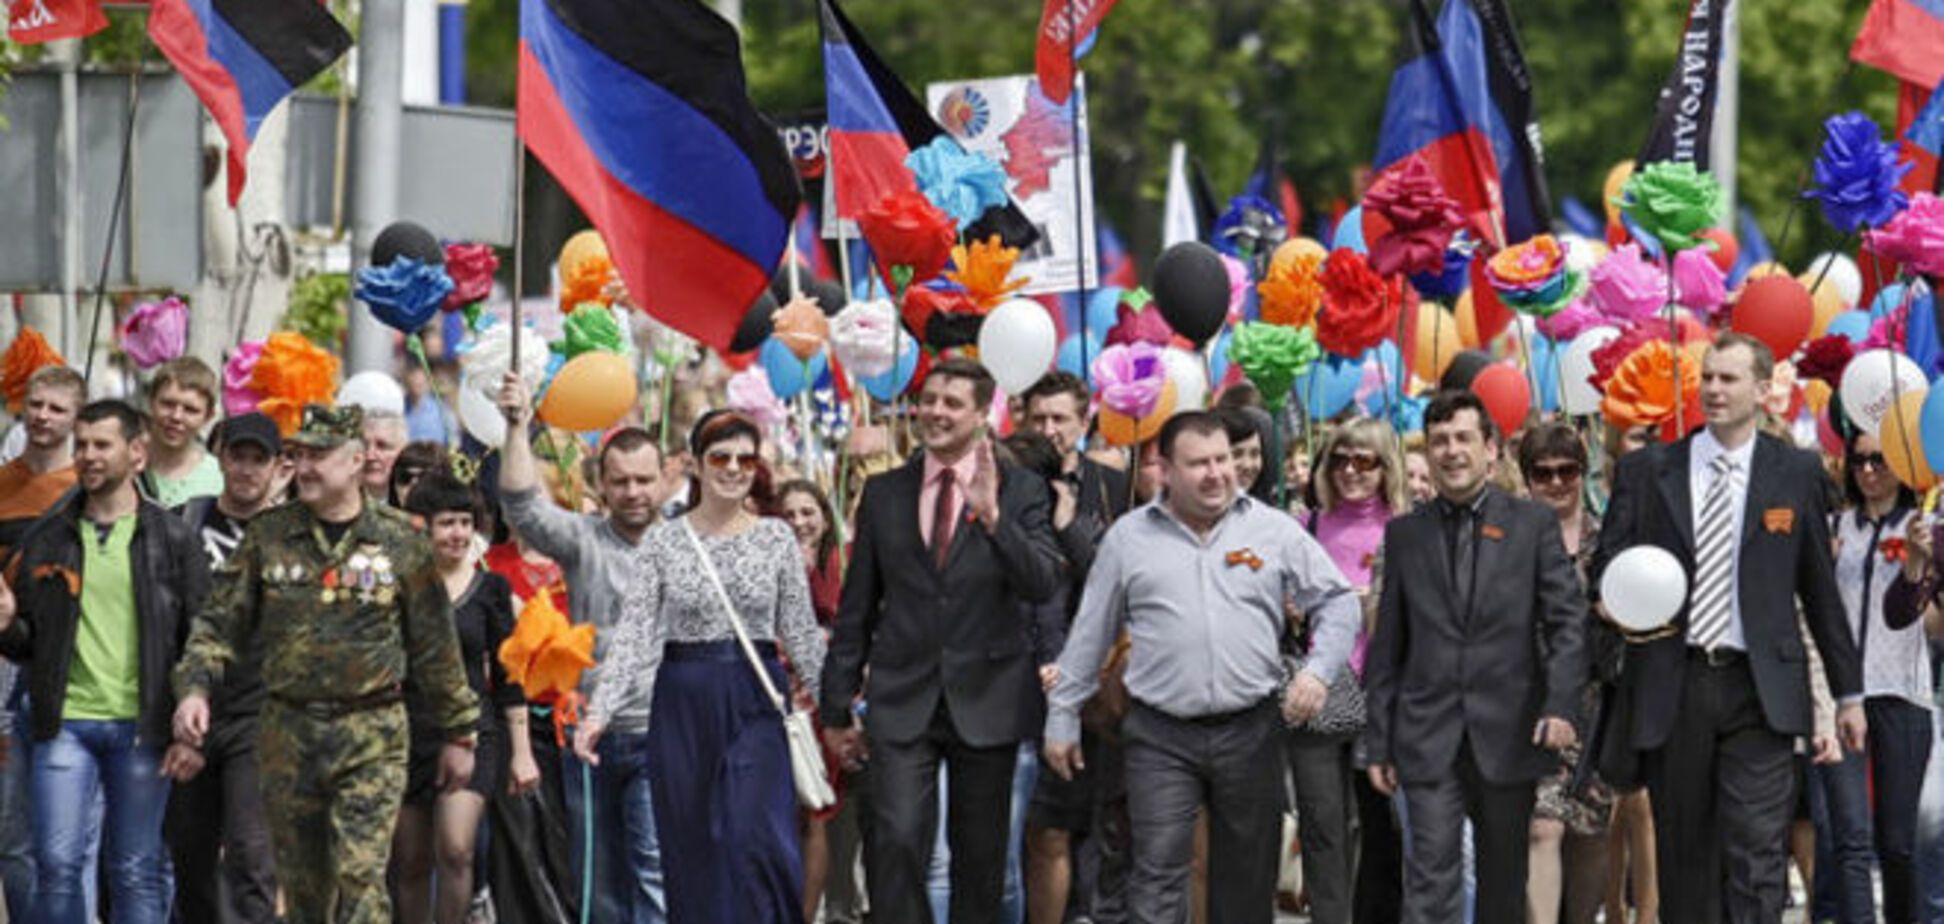 'Отказаться от наследства': журналист посоветовал не спешить с возвратом Донбасса